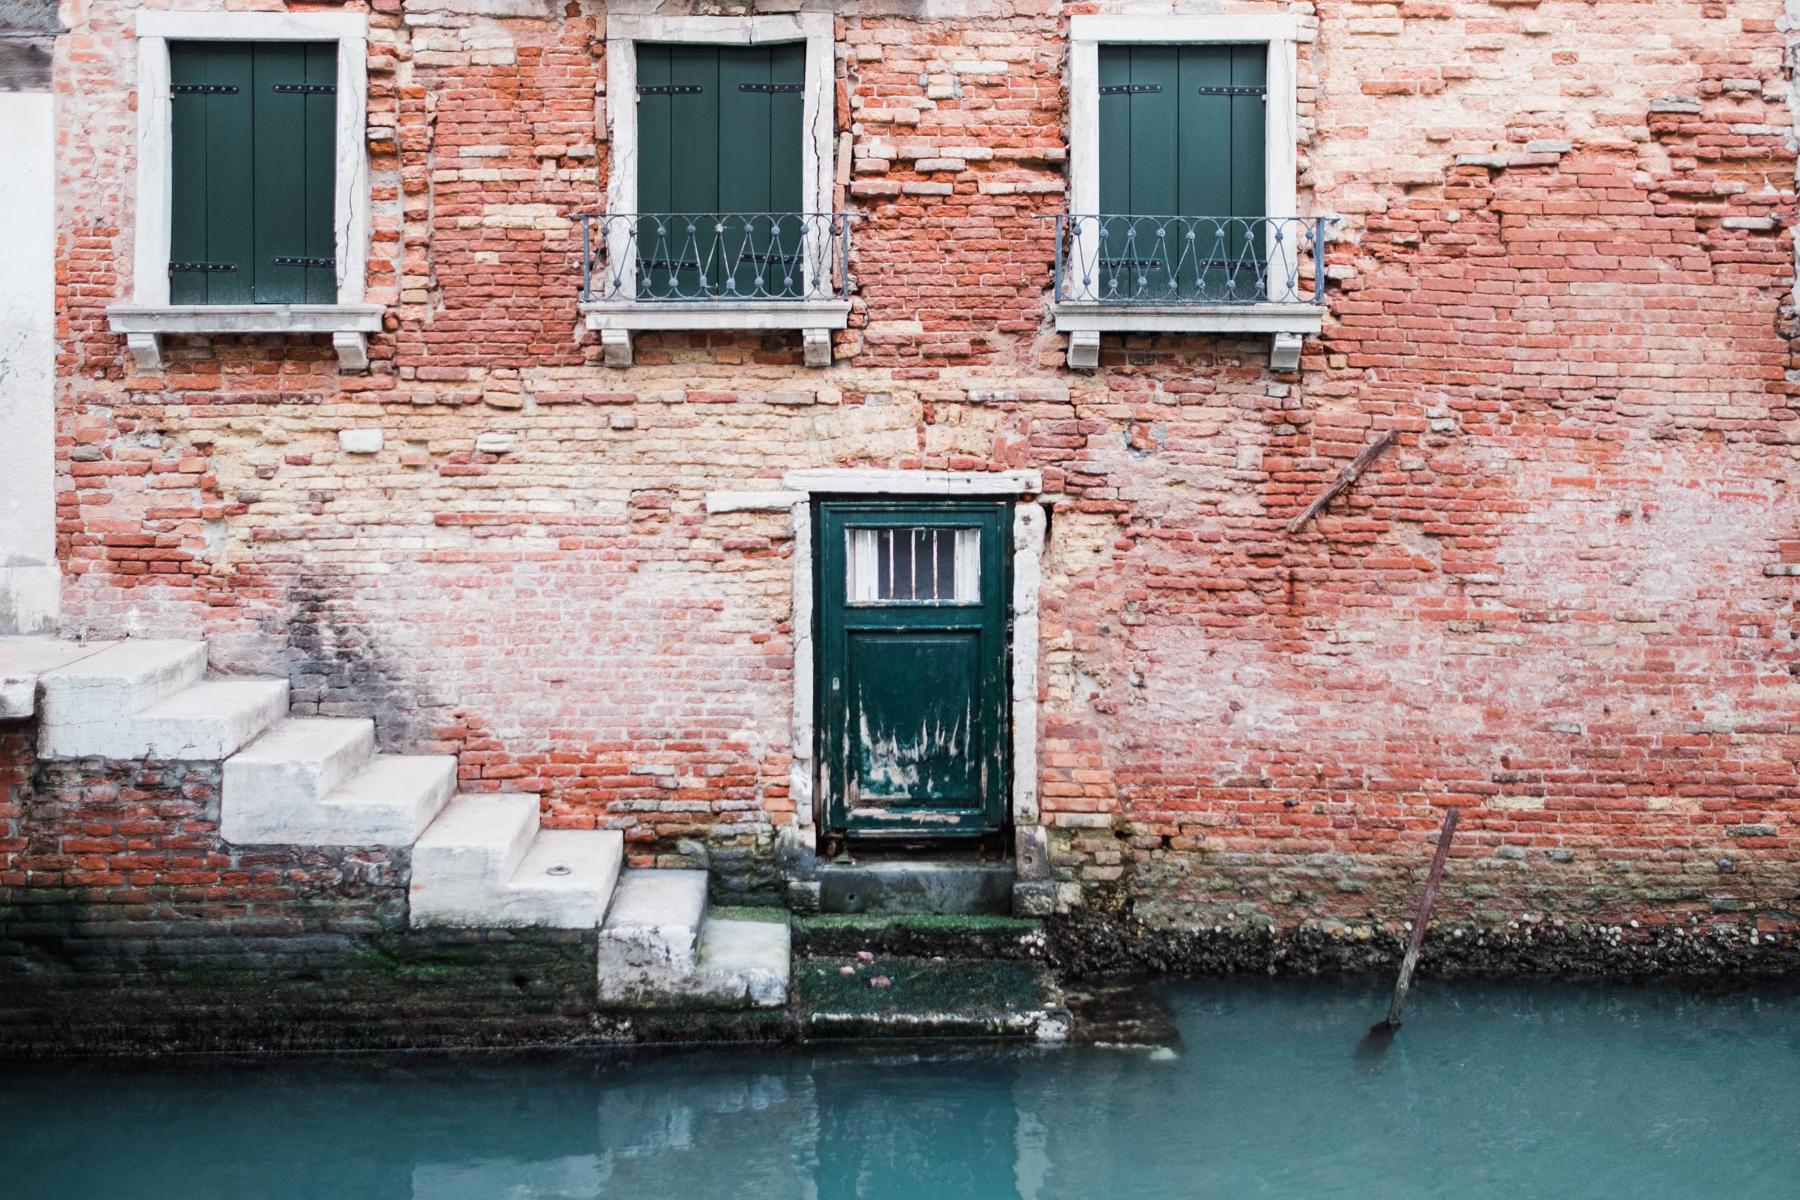 Venice_deersphotography-128